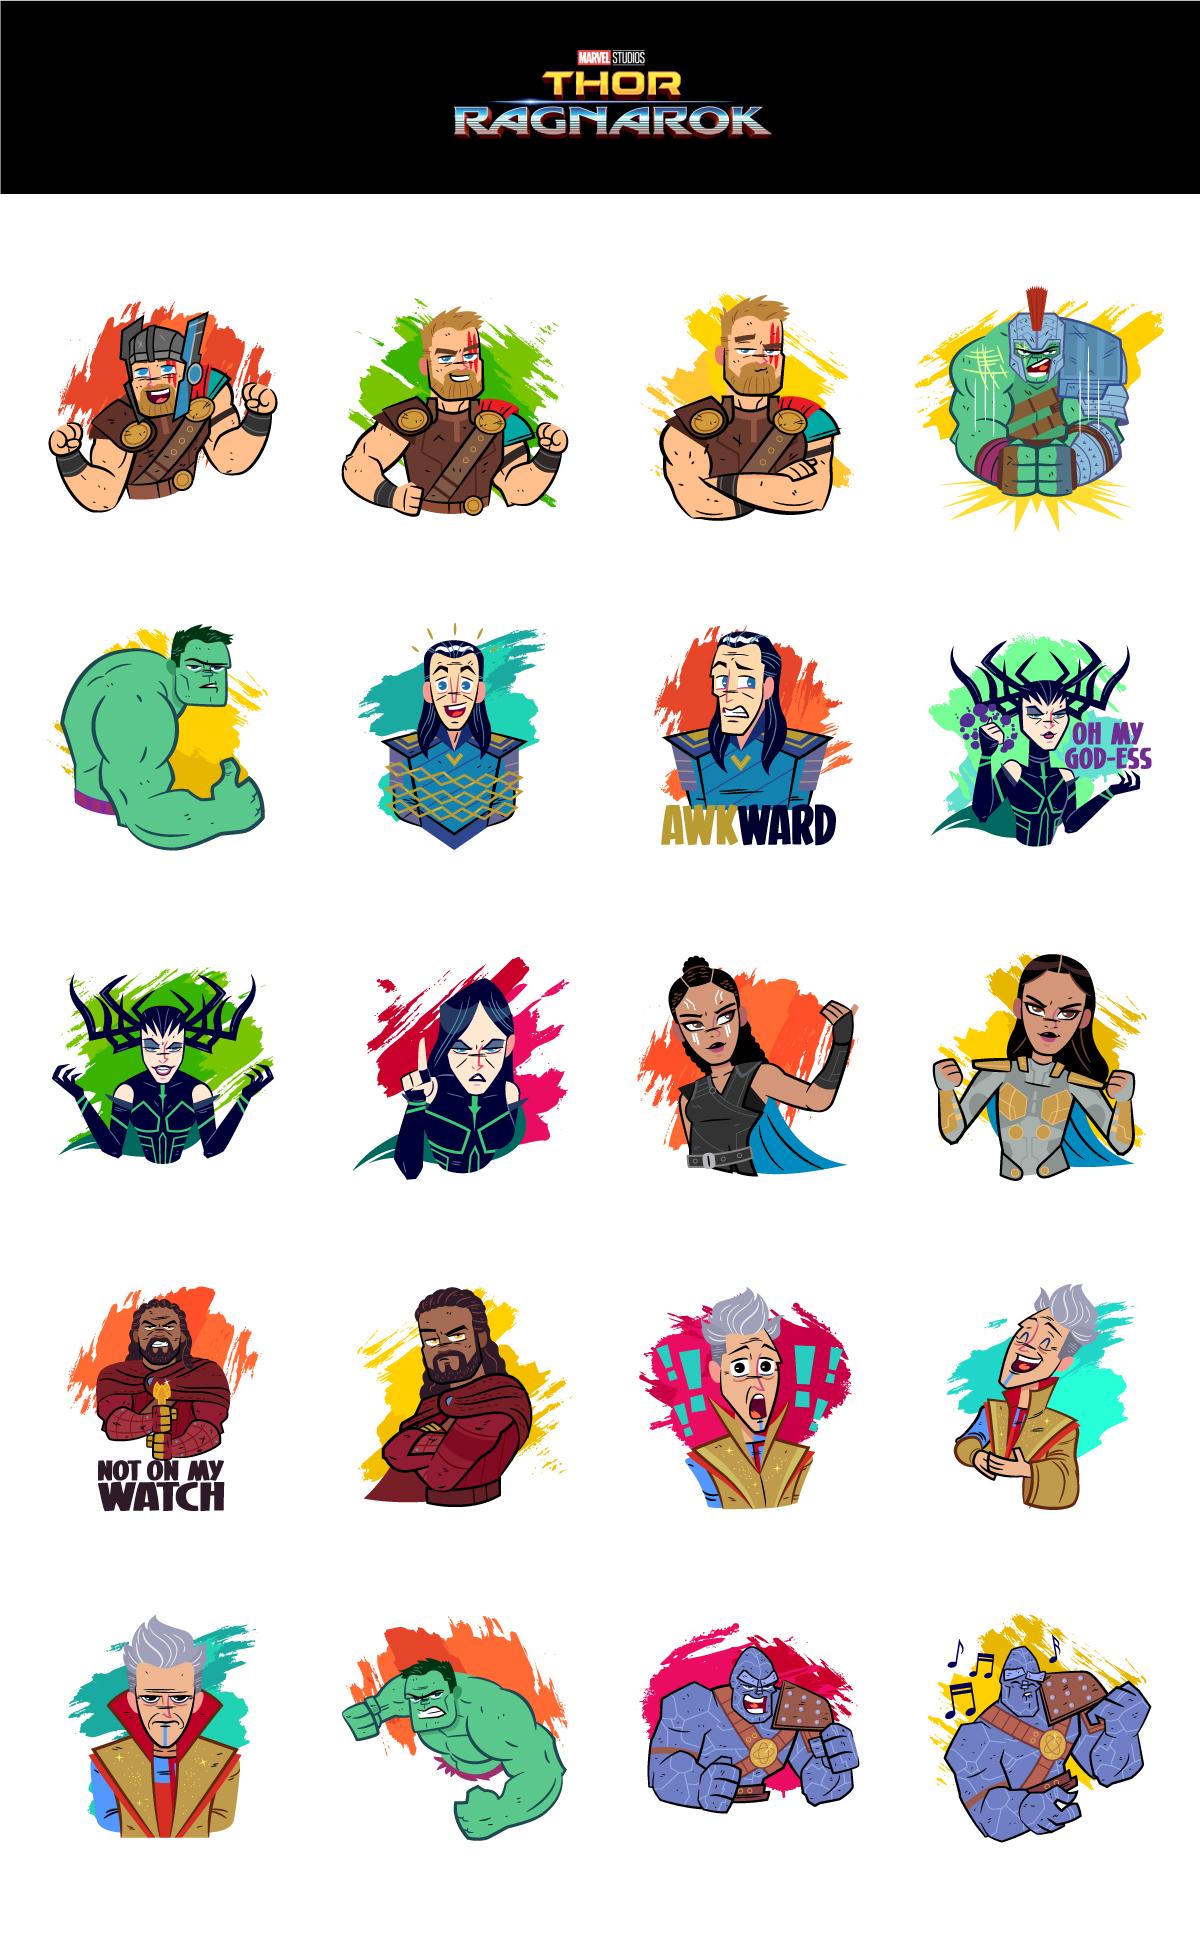 Thor Ragnarok Facebook Stickers on Behance